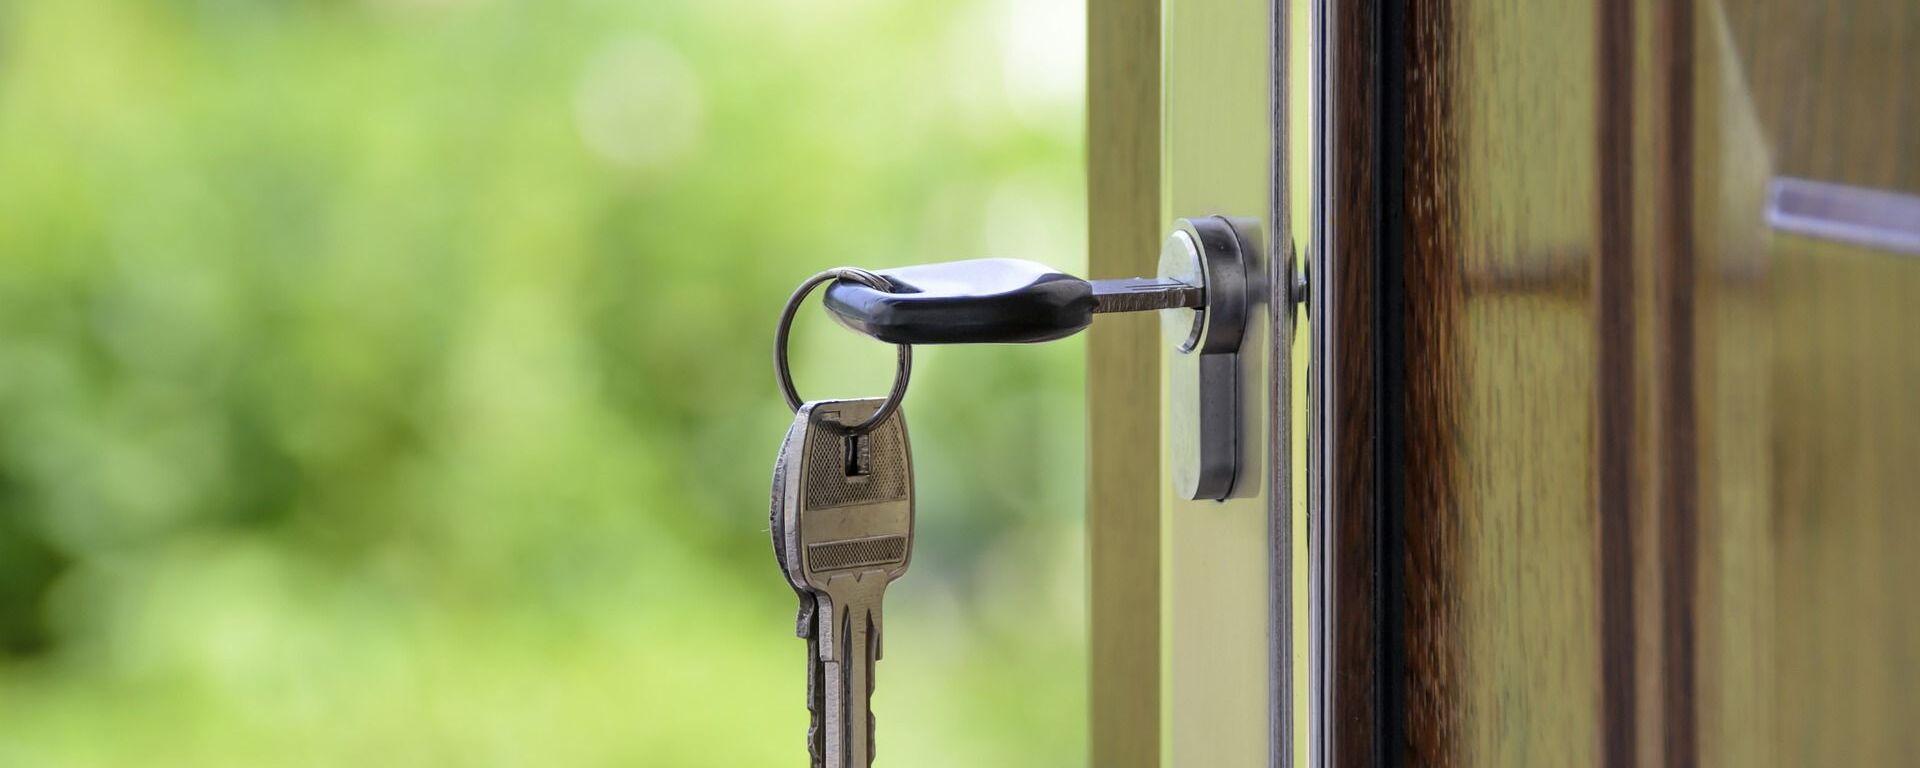 გასაღები კარში - Sputnik საქართველო, 1920, 17.09.2021